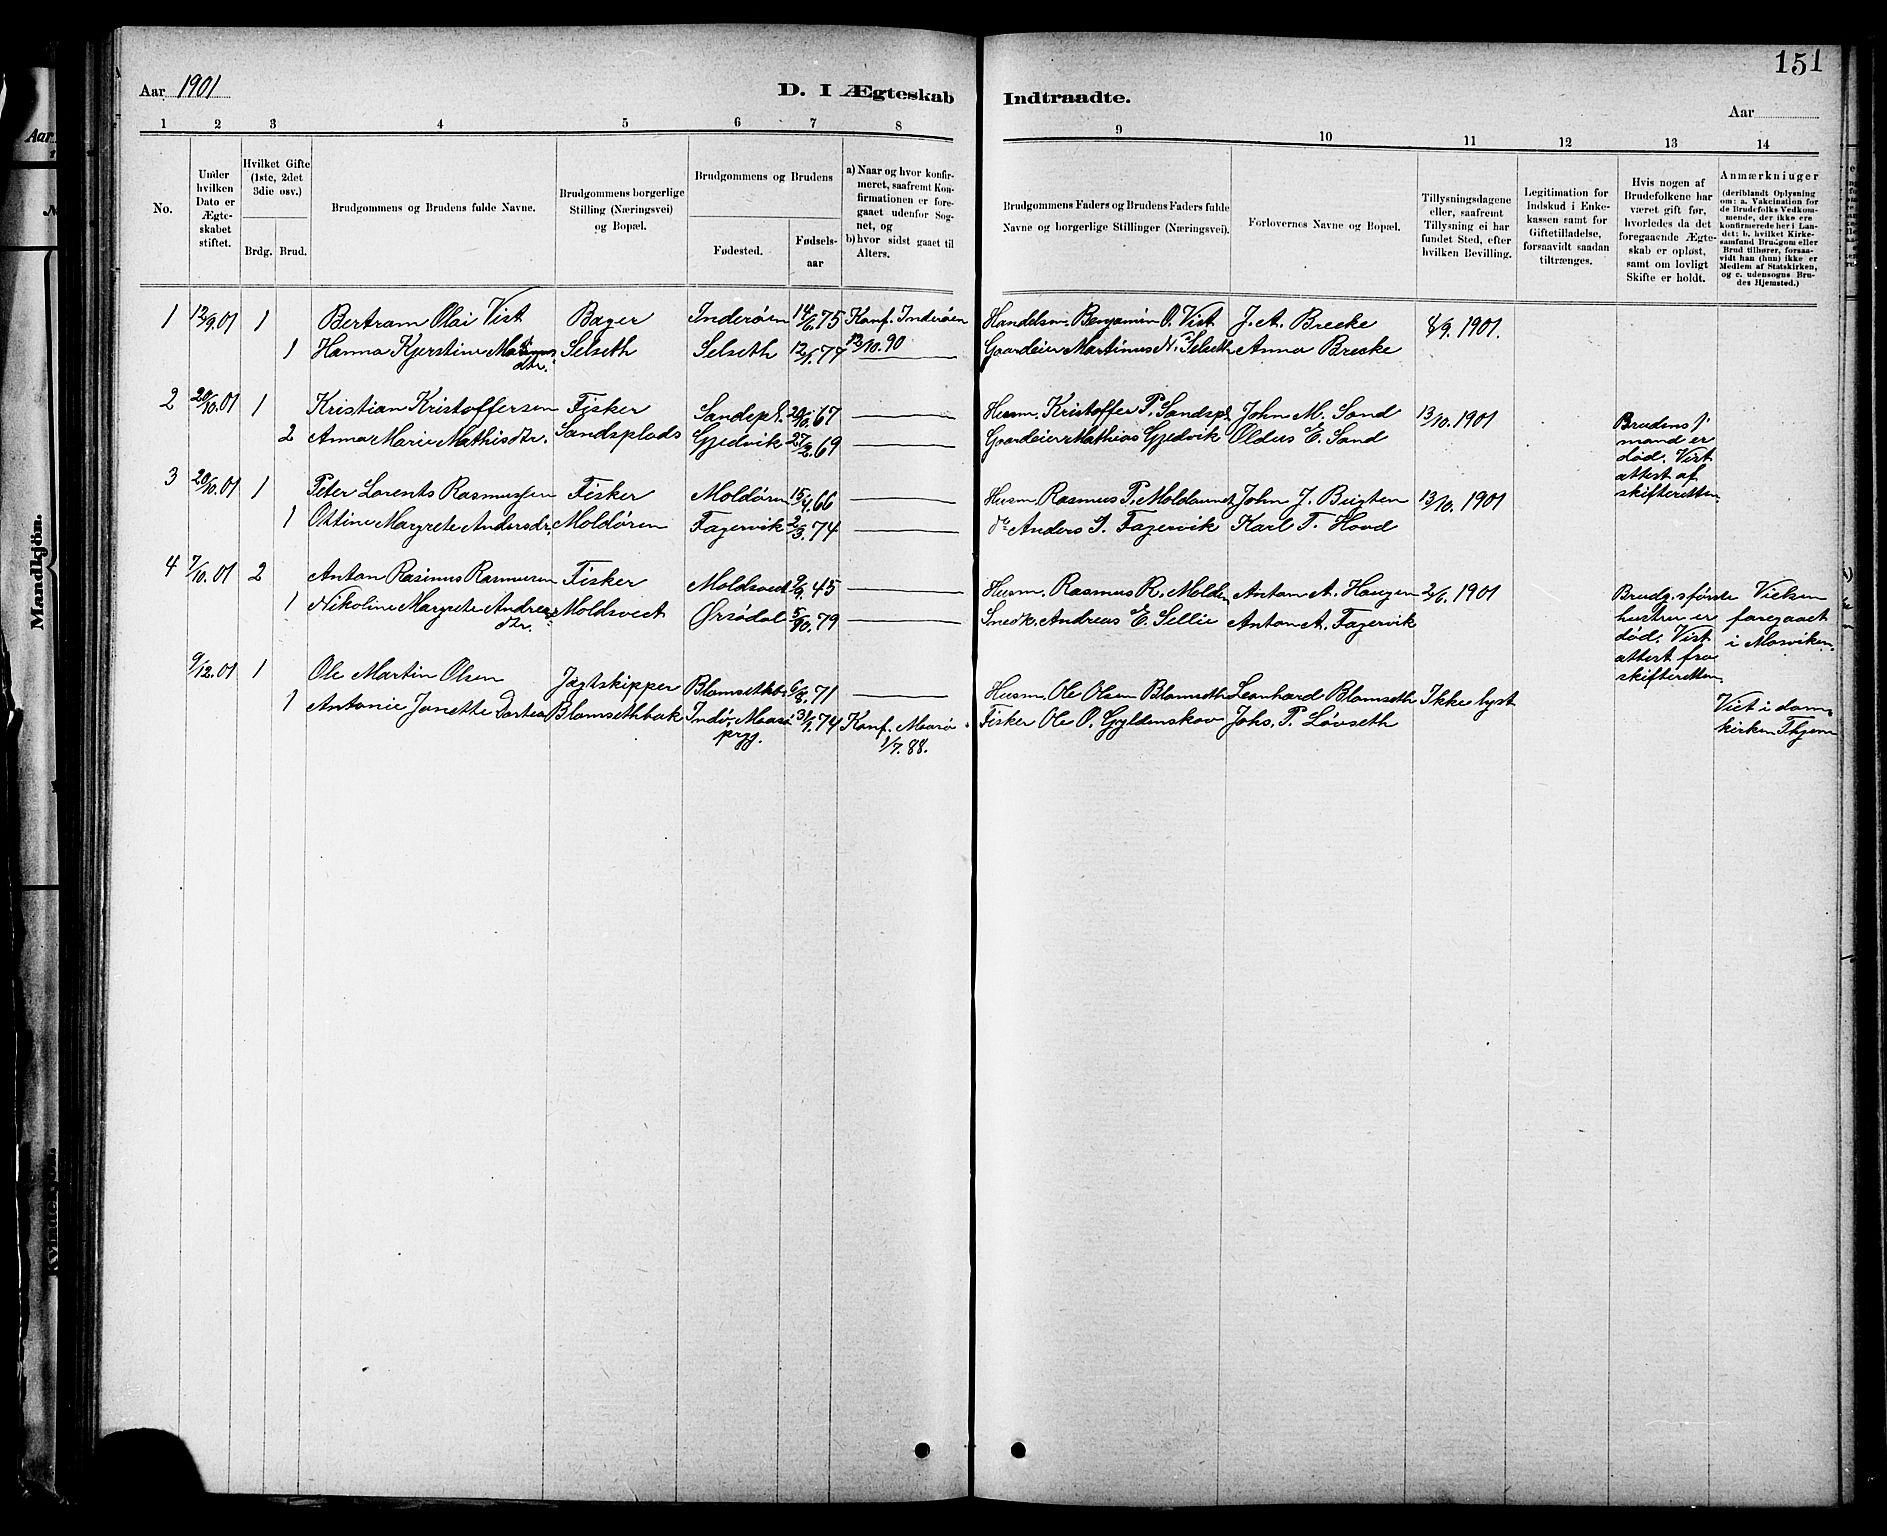 SAT, Ministerialprotokoller, klokkerbøker og fødselsregistre - Nord-Trøndelag, 744/L0423: Klokkerbok nr. 744C02, 1886-1905, s. 151